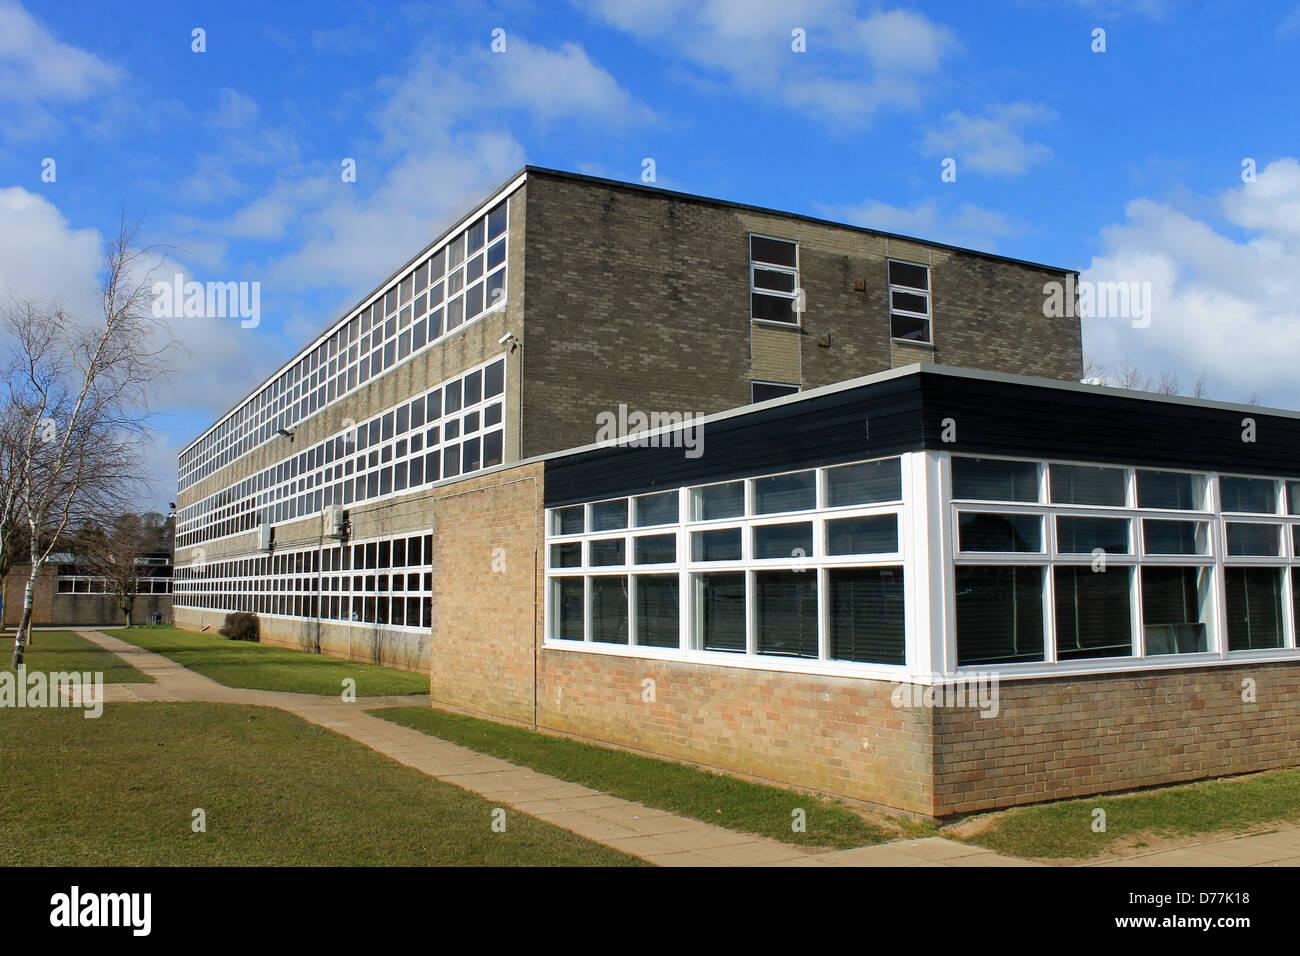 Exterieur der weiterführenden Schule, Scarborough, England. Stockbild